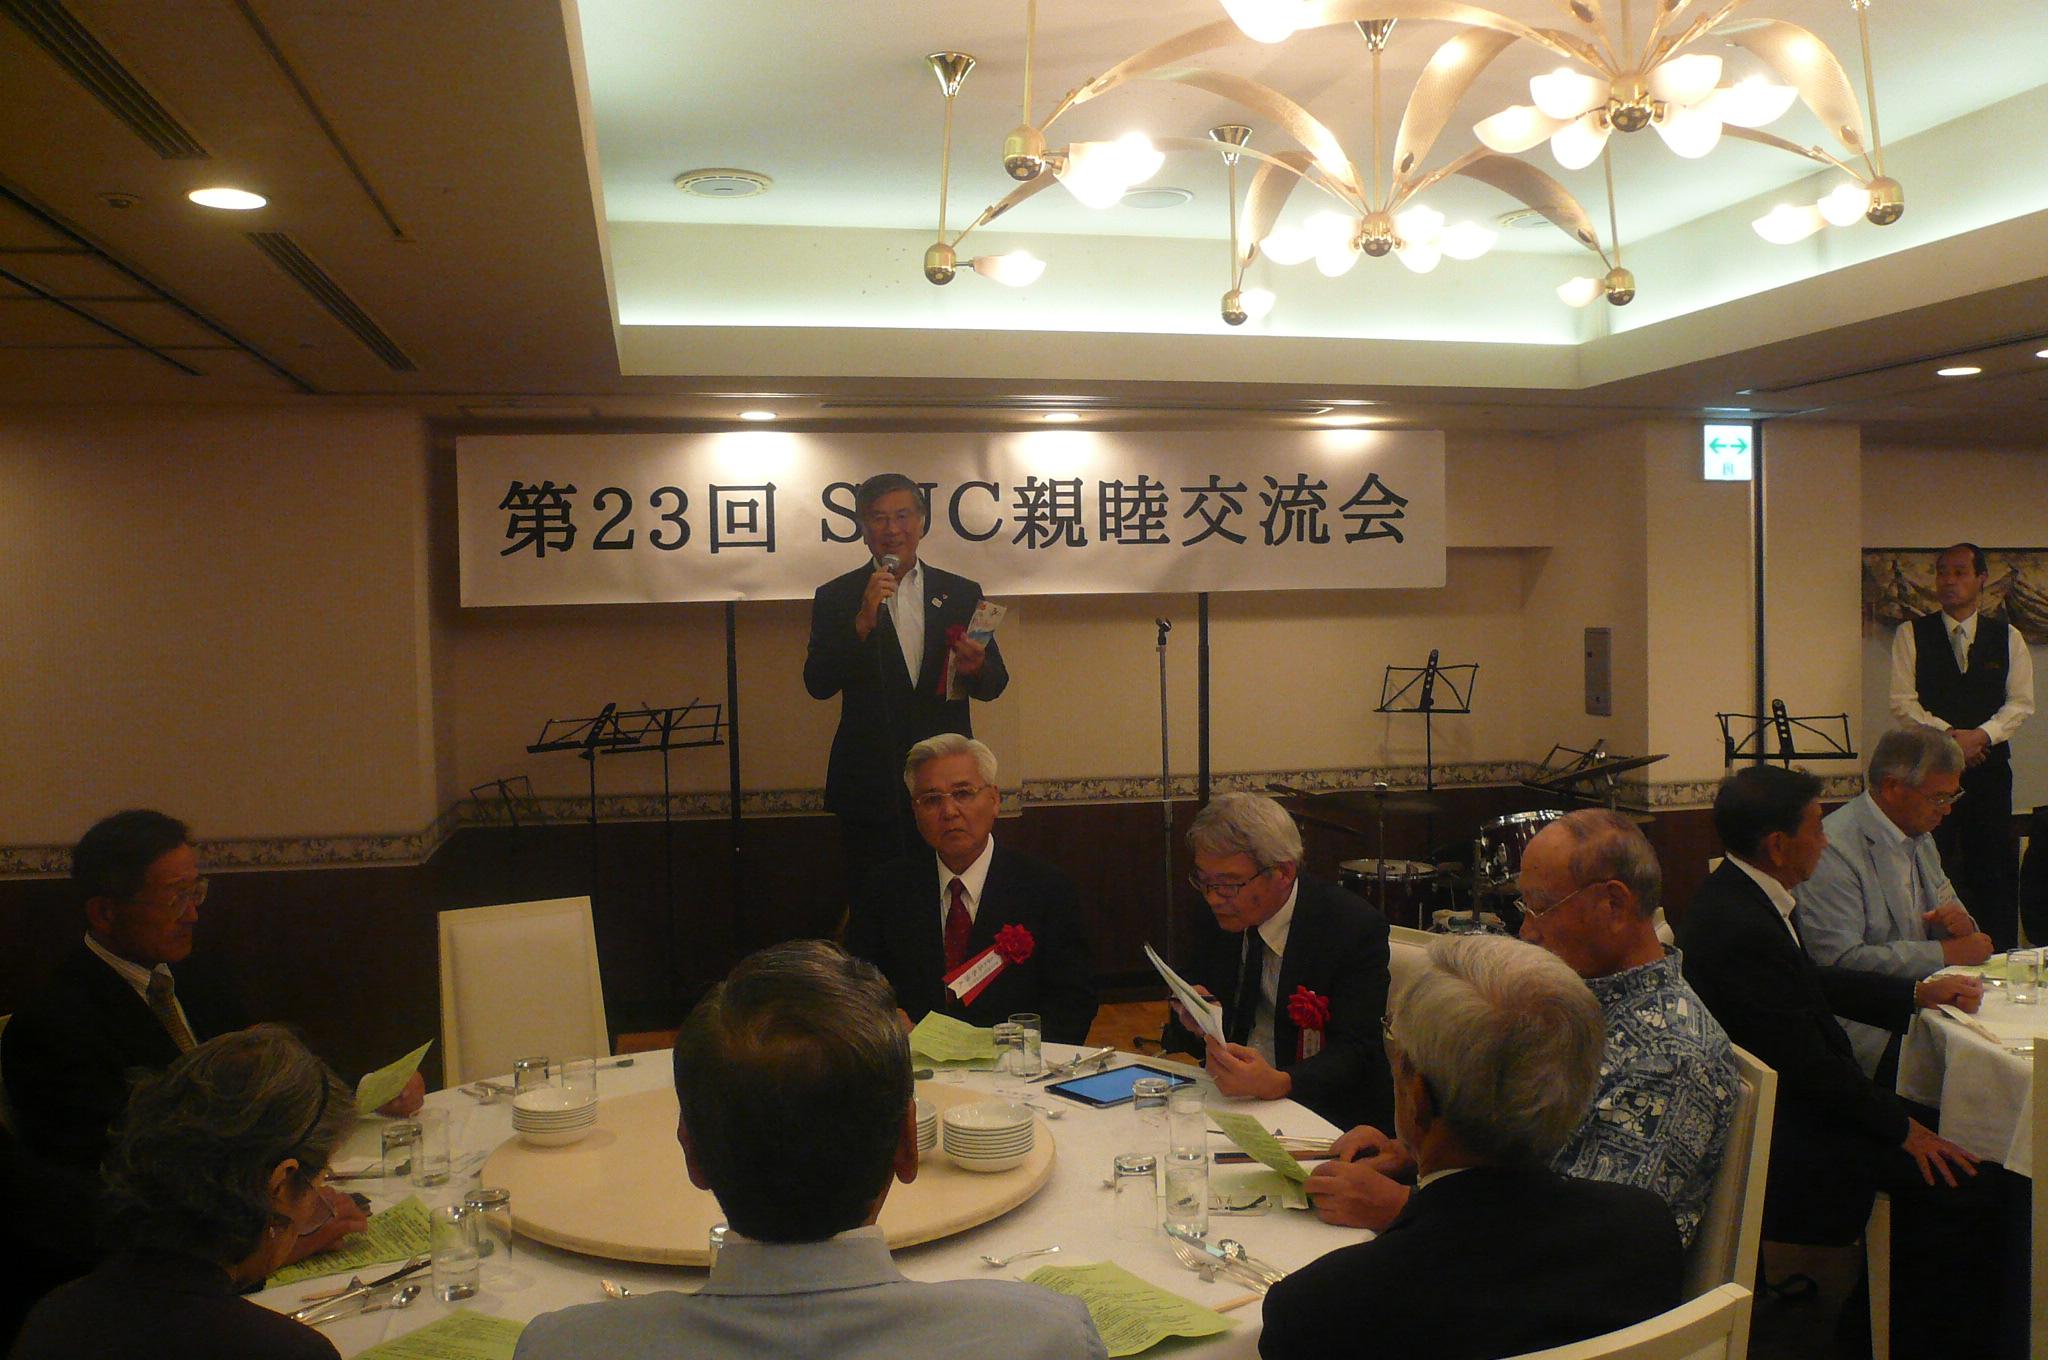 鈴木藤沢市長来賓でご出席